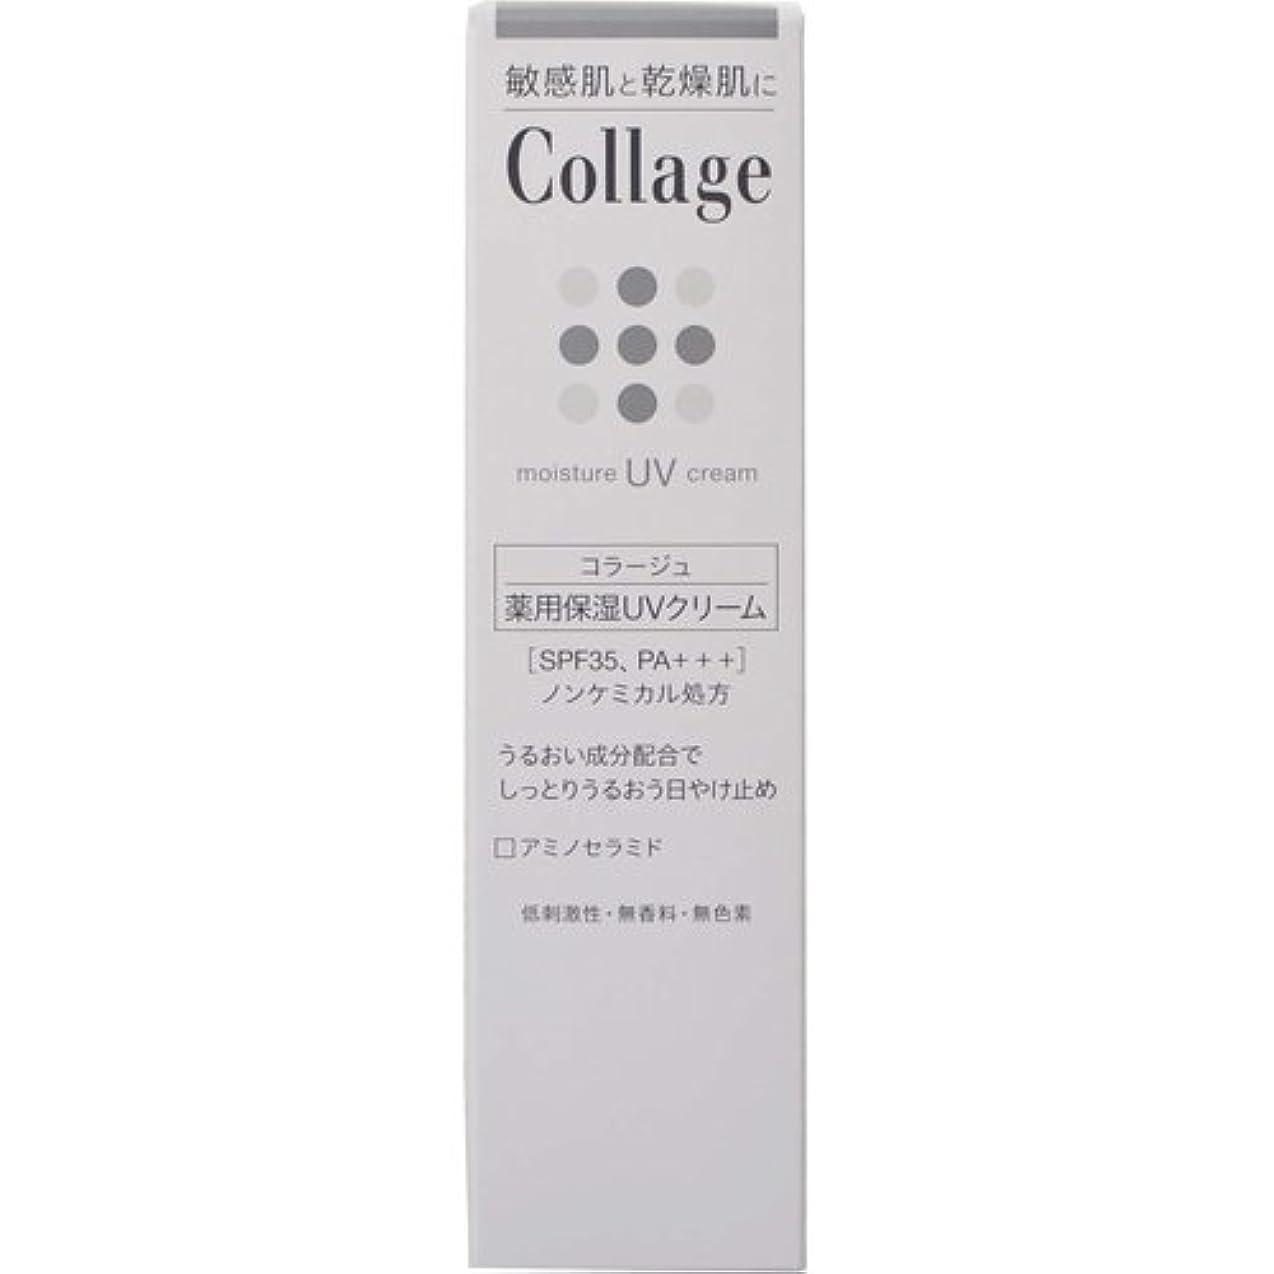 精通した関係する行為コラージュ 薬用保湿UVクリーム 30g 【医薬部外品】